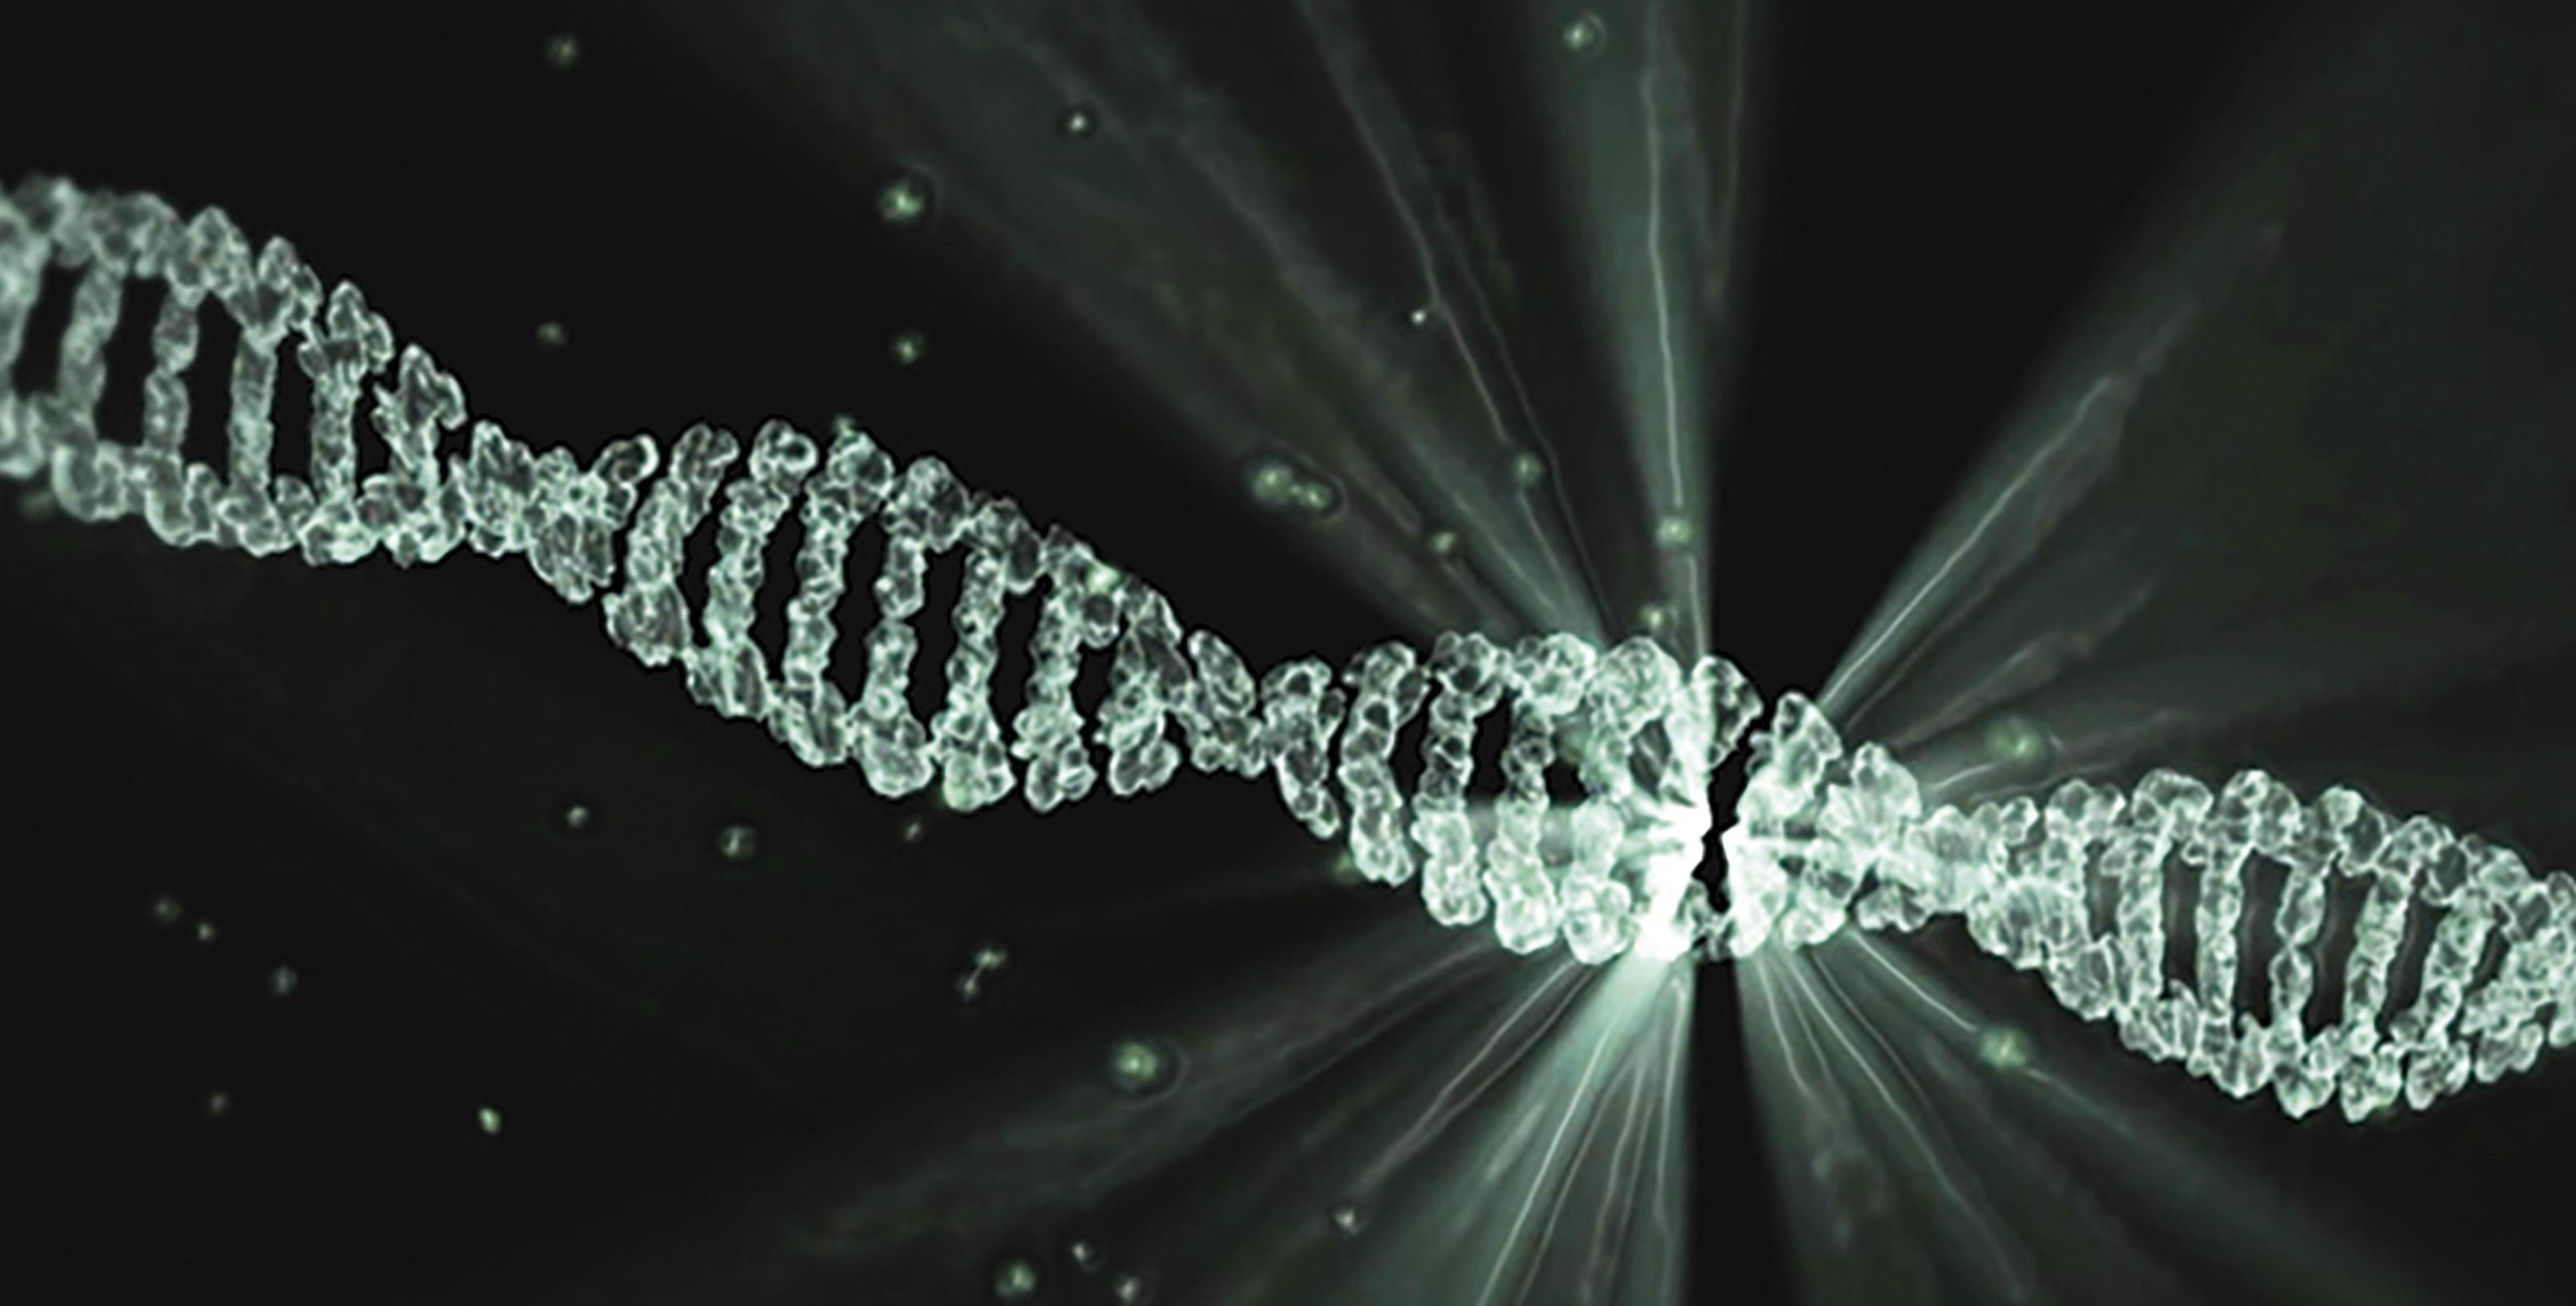 El alcohol daña el DNA y produce cáncer